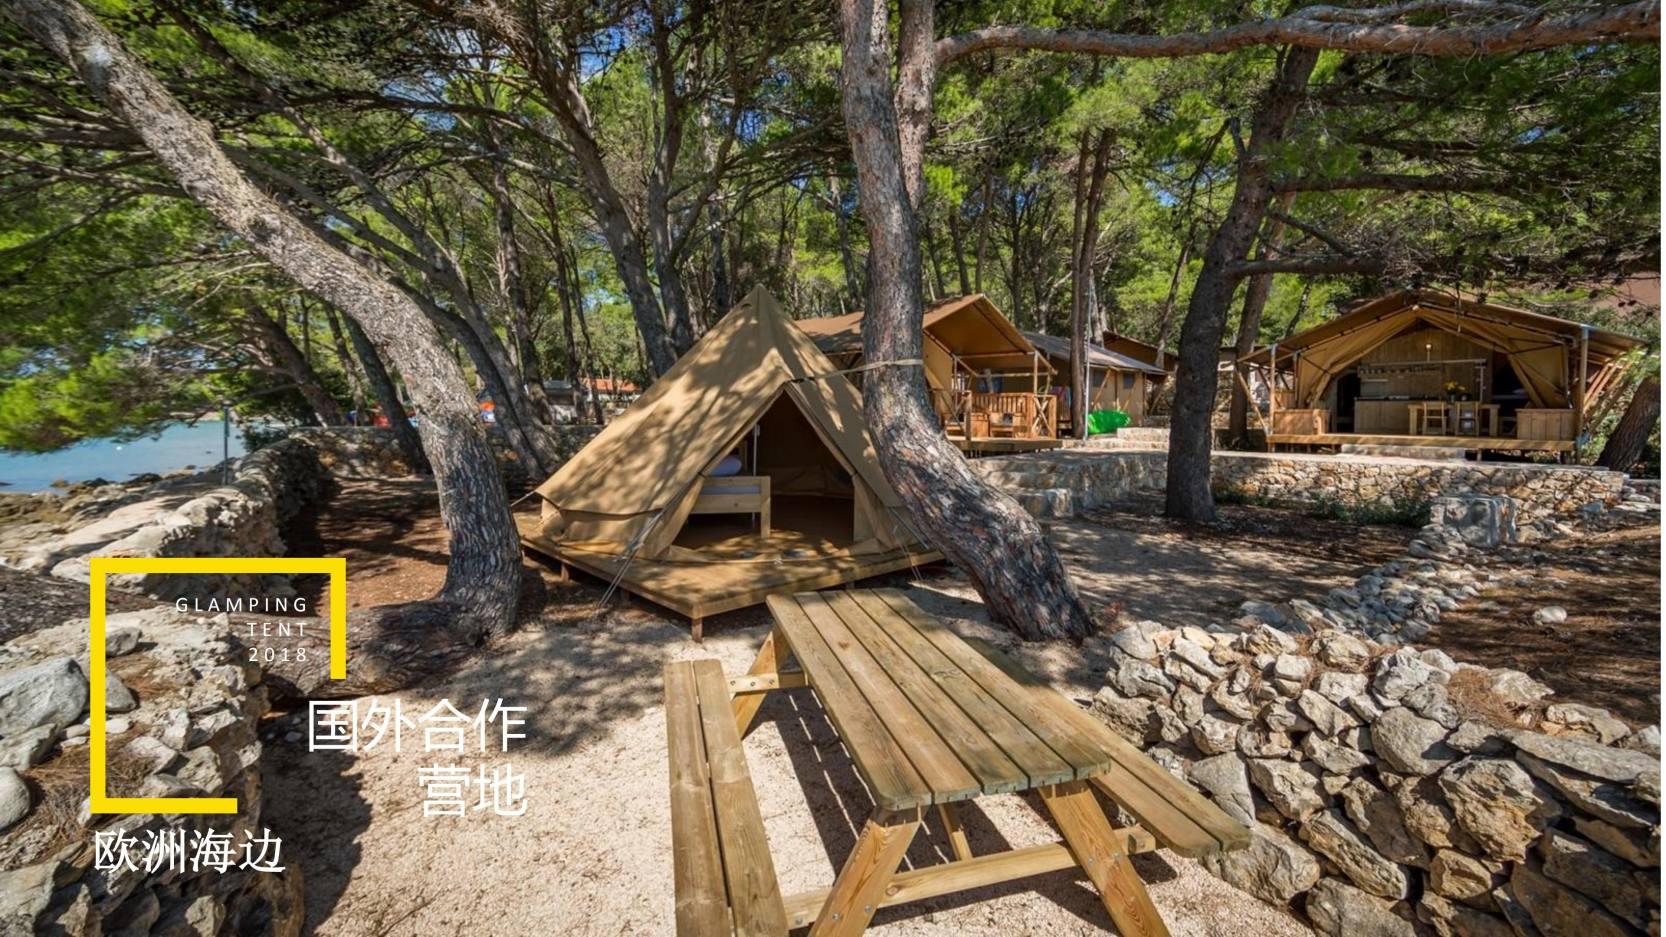 喜马拉雅野奢帐篷 (6)